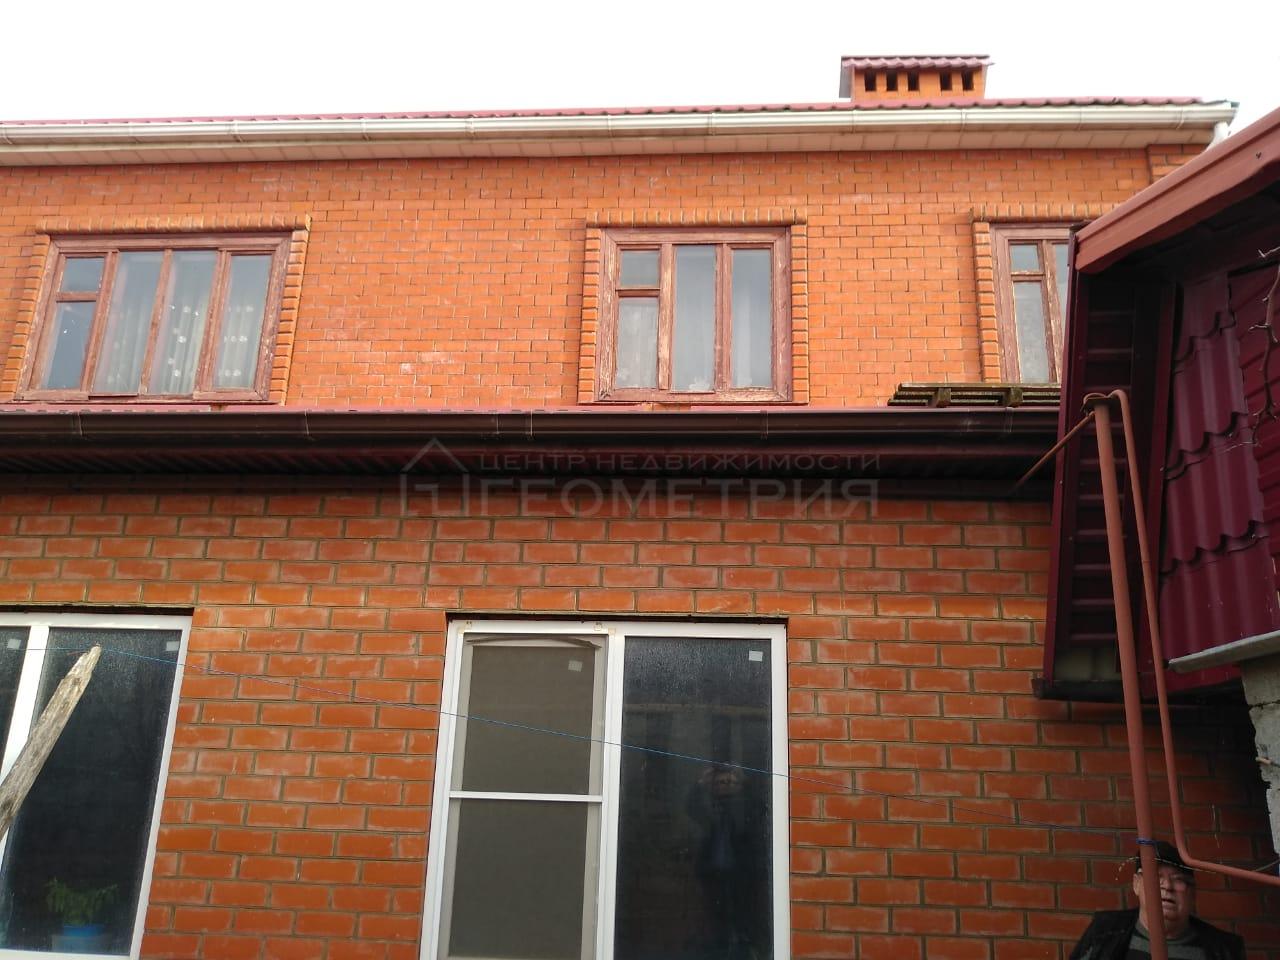 Продам дом по адресу Россия, Краснодарский край, городской округ Краснодар, Краснодар, Троицкая улица фото 1 по выгодной цене